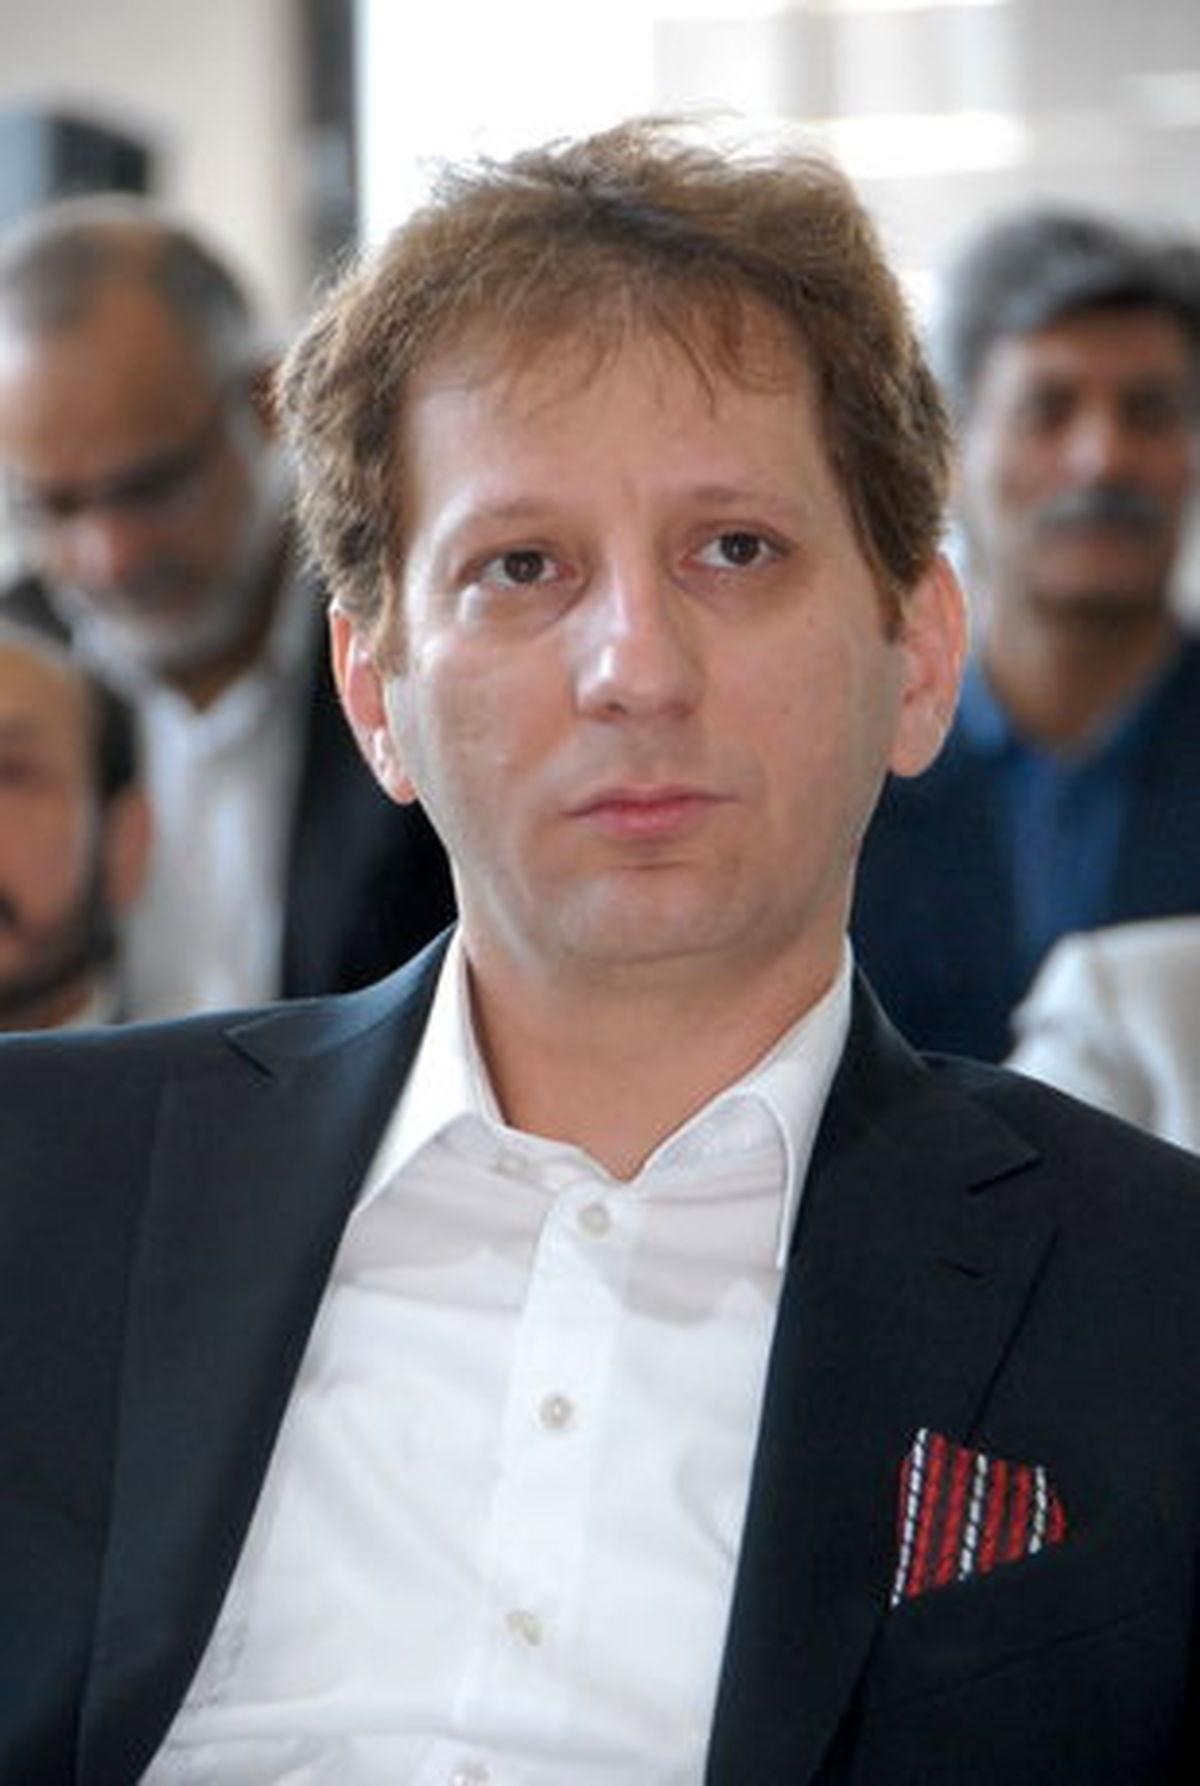 حضور بابک زنجانی در ایران رد شد